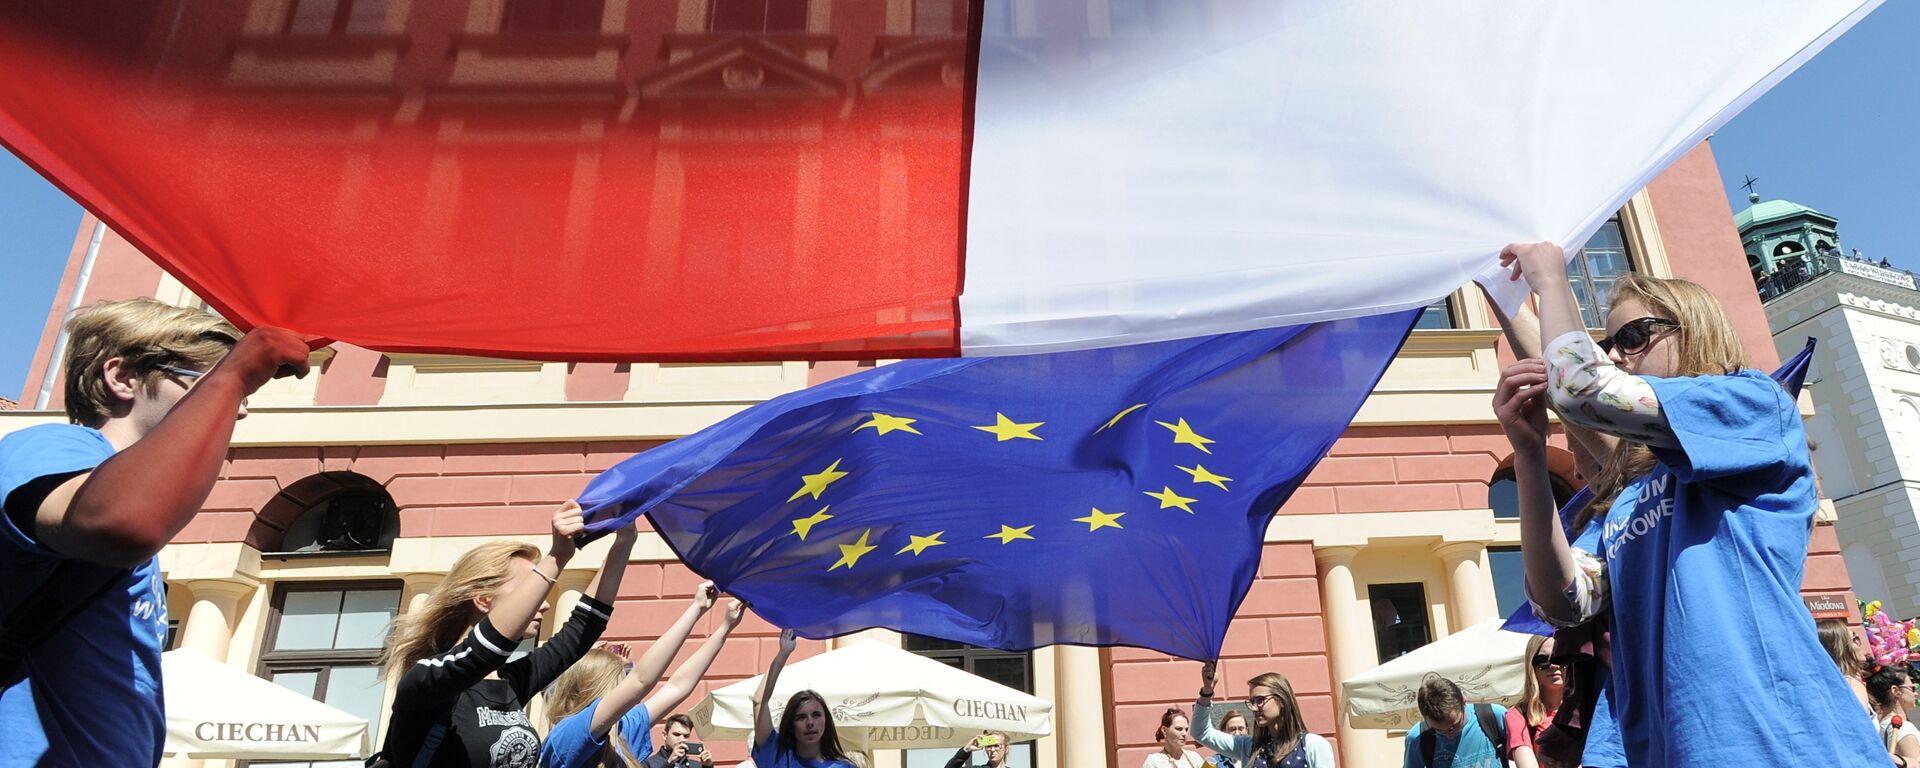 Flagi Polski i UE - Sputnik Polska, 1920, 11.10.2021